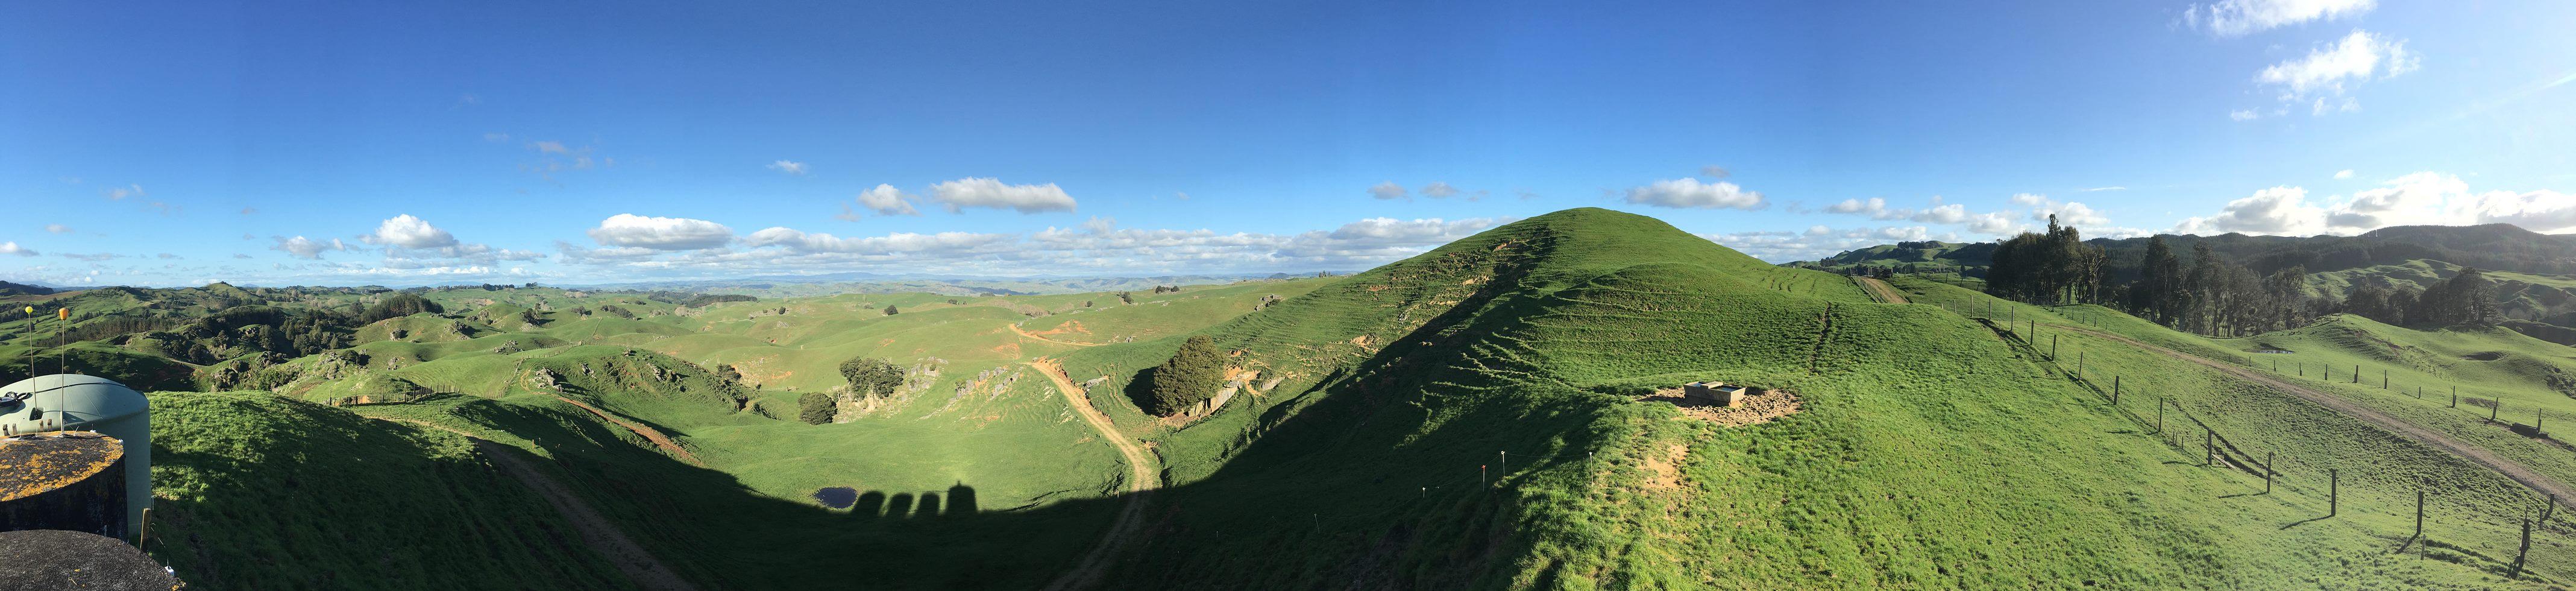 Australian farm field provided by Knode